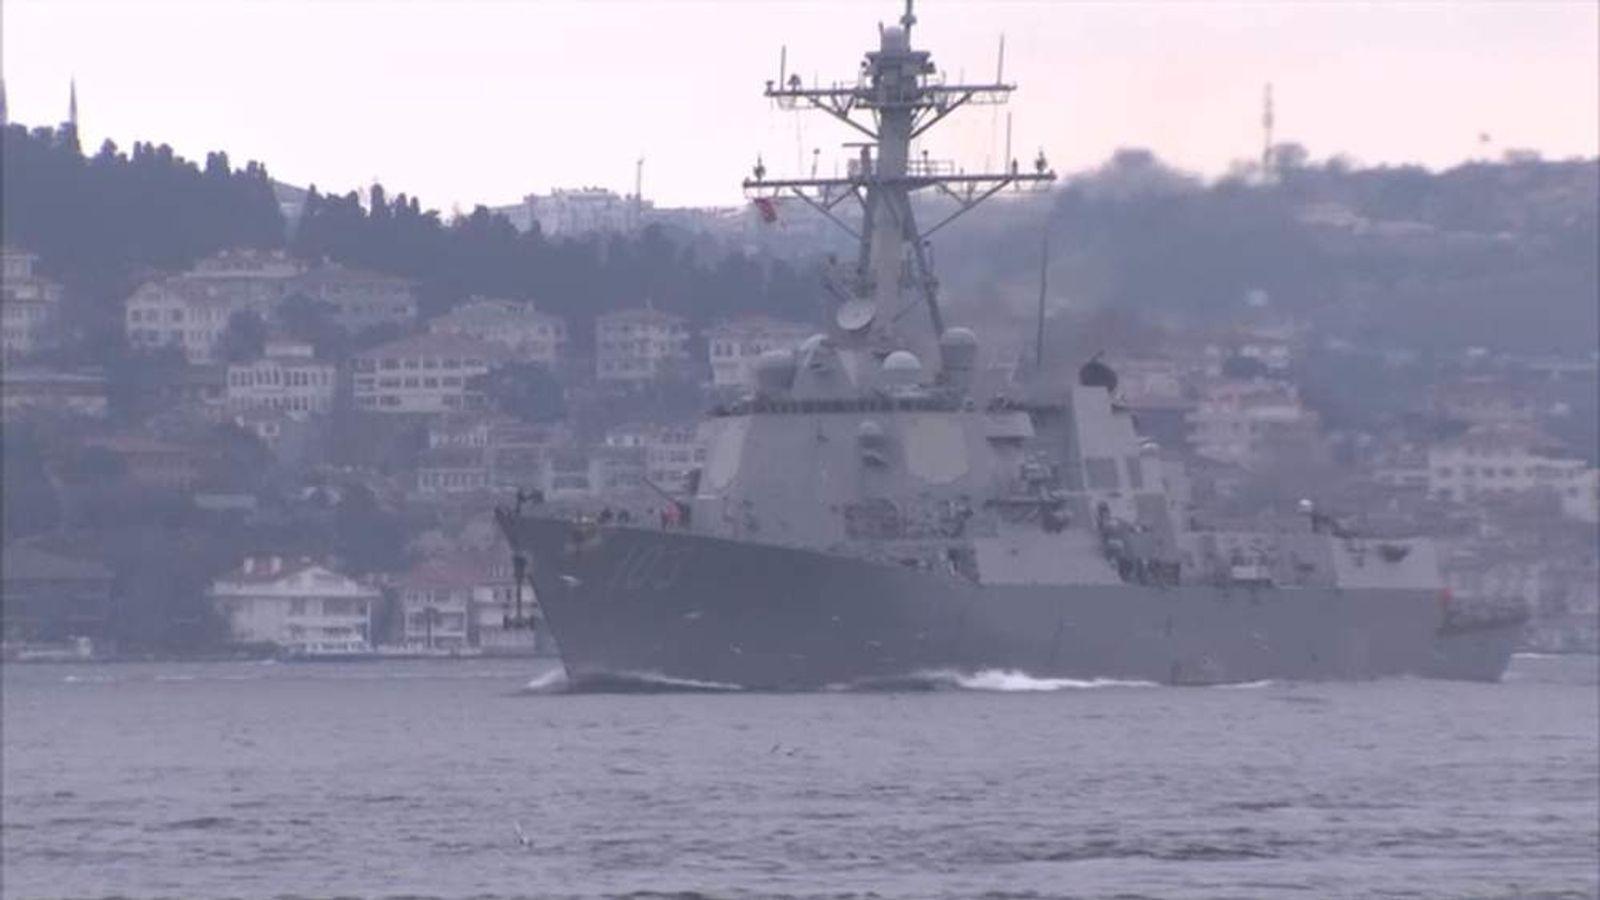 USS Truxtun